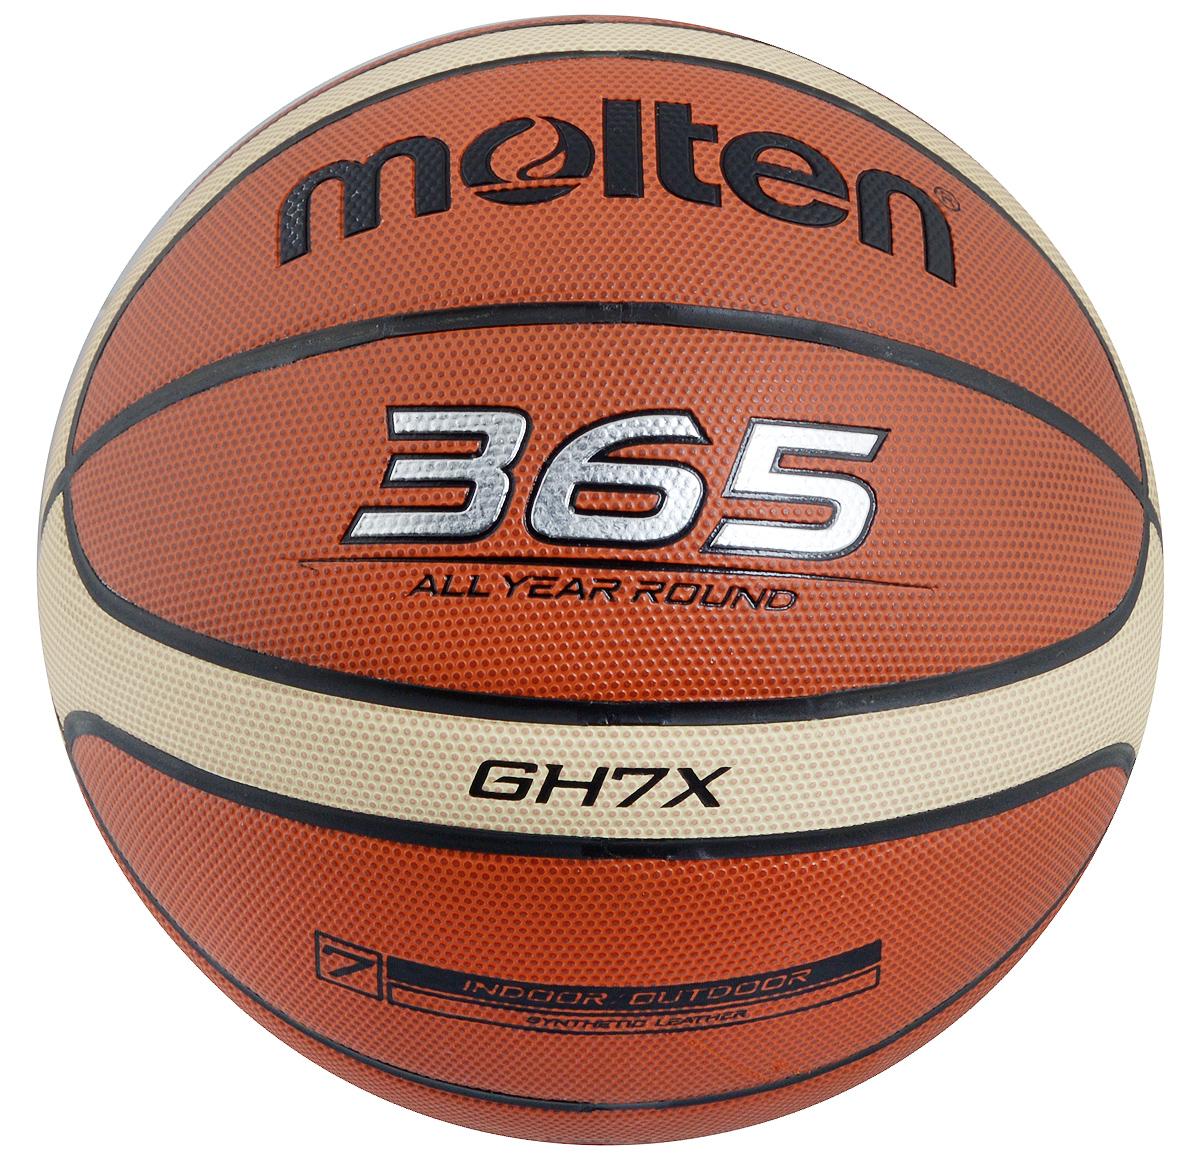 Мяч баскетбольный Molten, цвет: терракотовый, бежевый. Размер 7. BGH7XBGH7XБаскетбольный мяч Molten прекрасно подходит для игр или тренировок в зале и на улице. Покрышка из синтетической кожи (поливинилхлорид). Шероховатая поверхность служит для оптимального контроля мяча при его подборе и в других игровых ситуациях. Увеличенная износостойкость. 12- панельный дизайн.